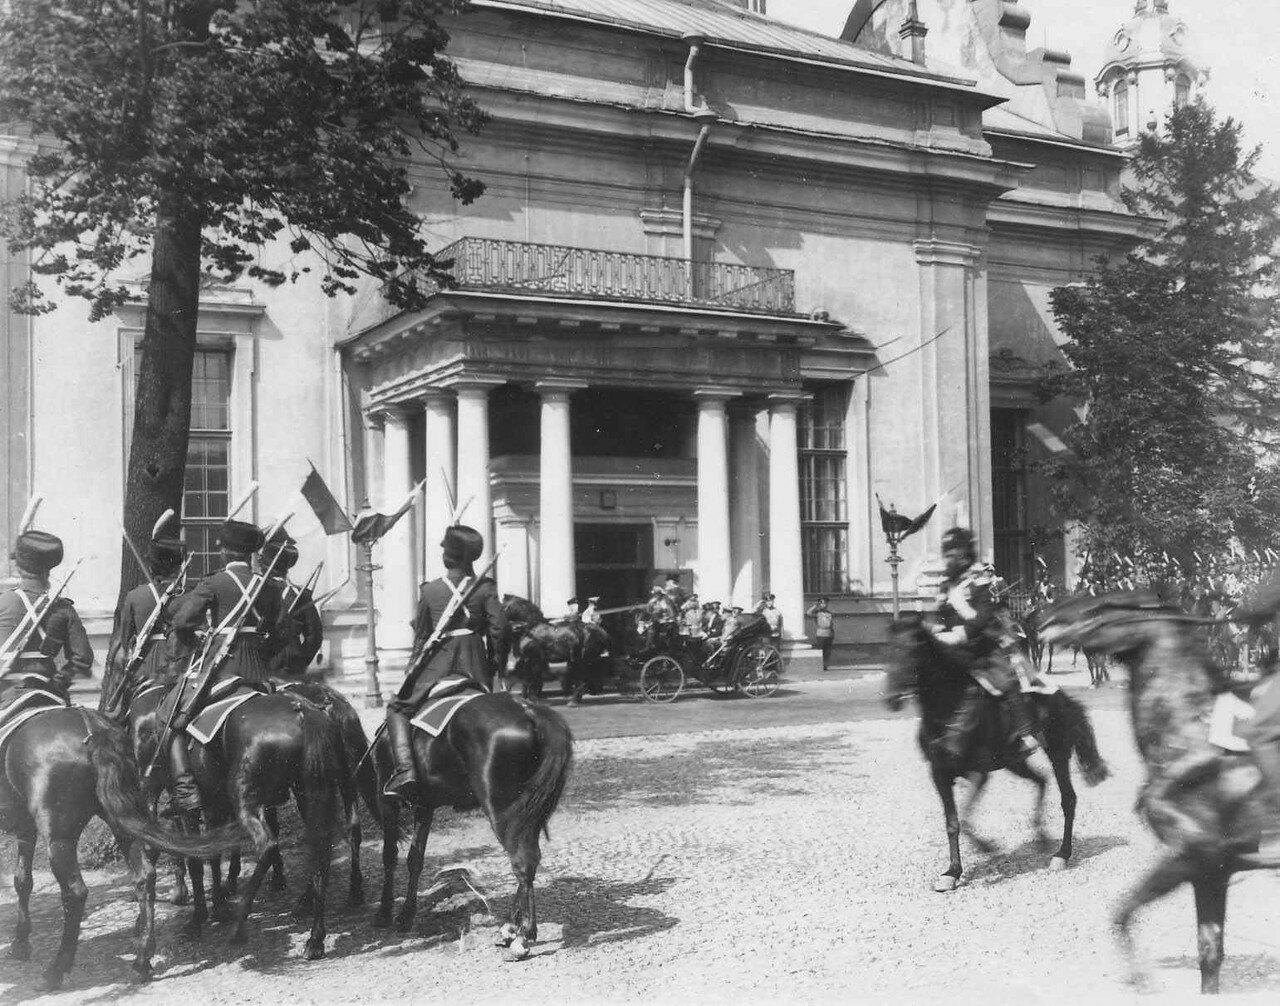 113. Р.Пуанкаре в сопровождении эскорта казаков лейб-гвардейцев проезжает мимо Петропавловского собора